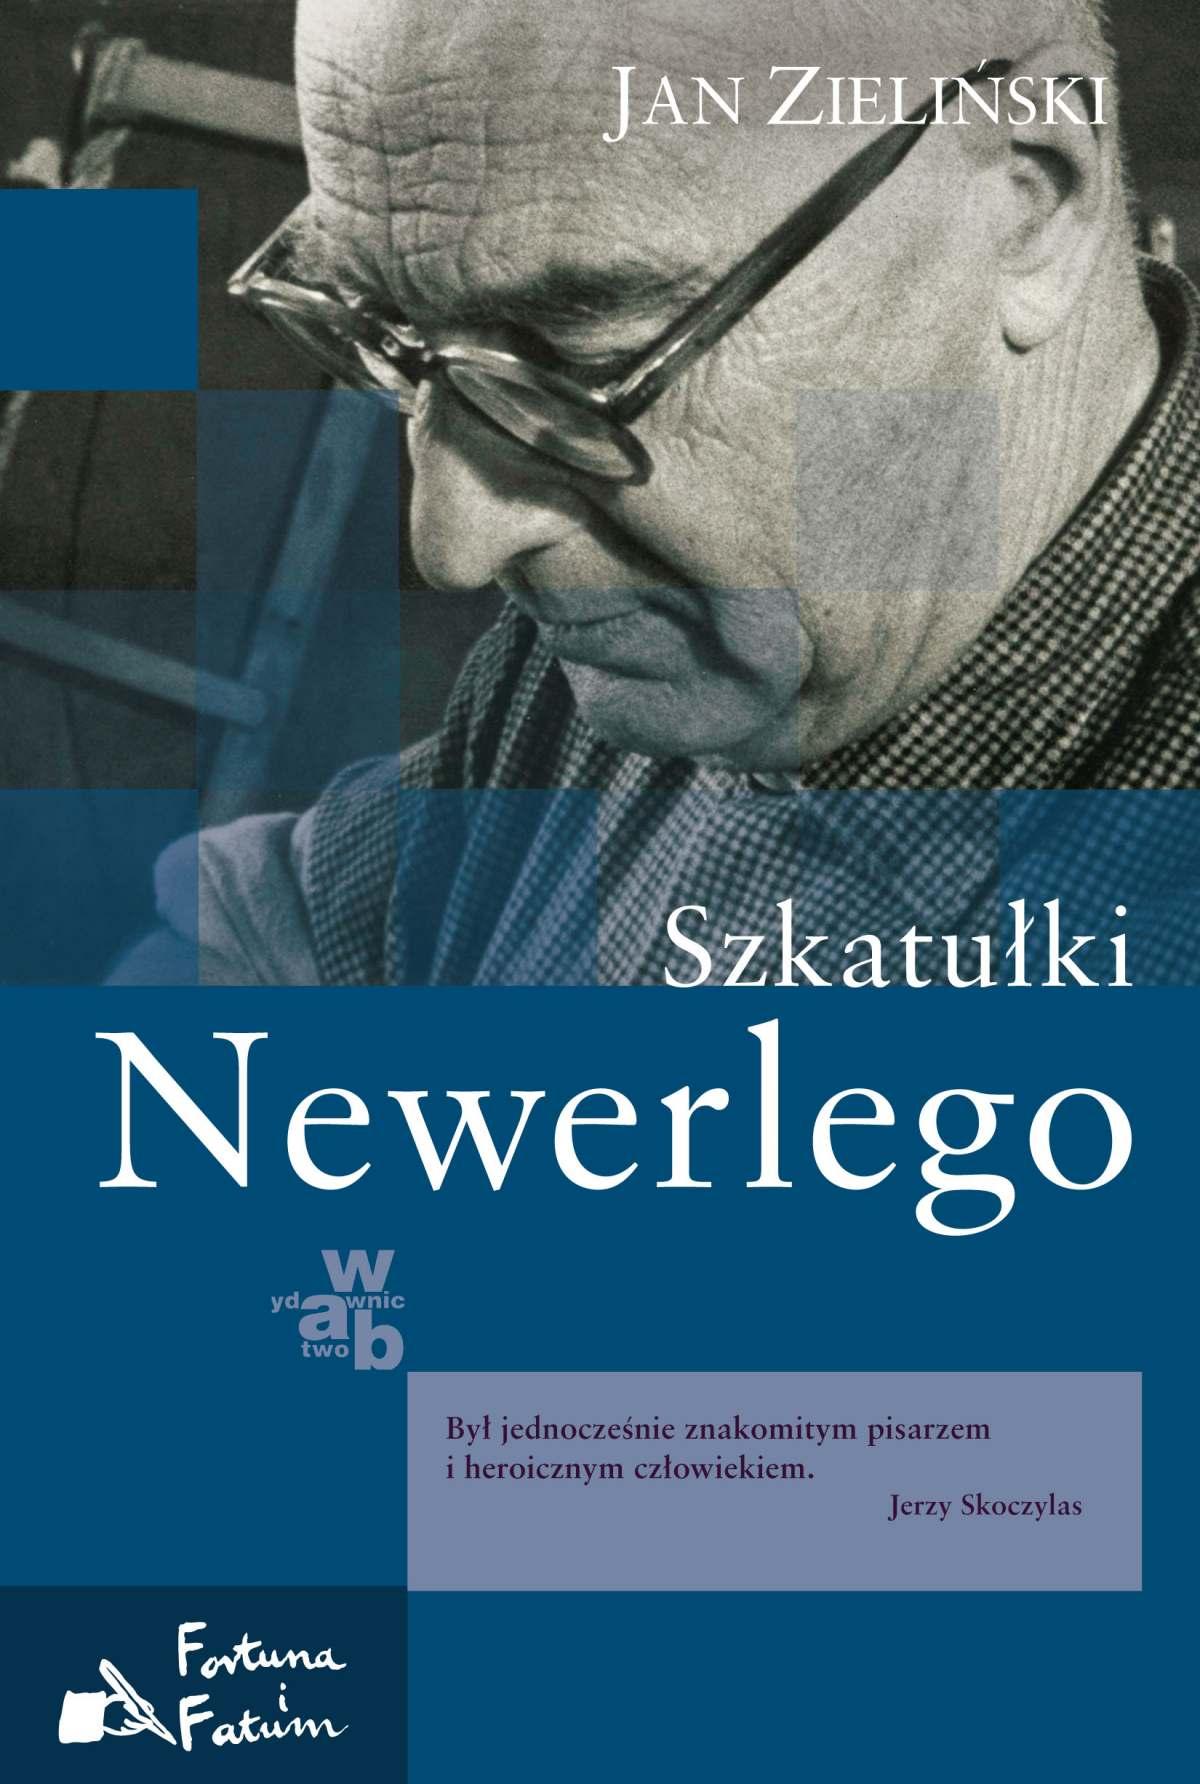 Szkatułki Newerlego - Ebook (Książka EPUB) do pobrania w formacie EPUB